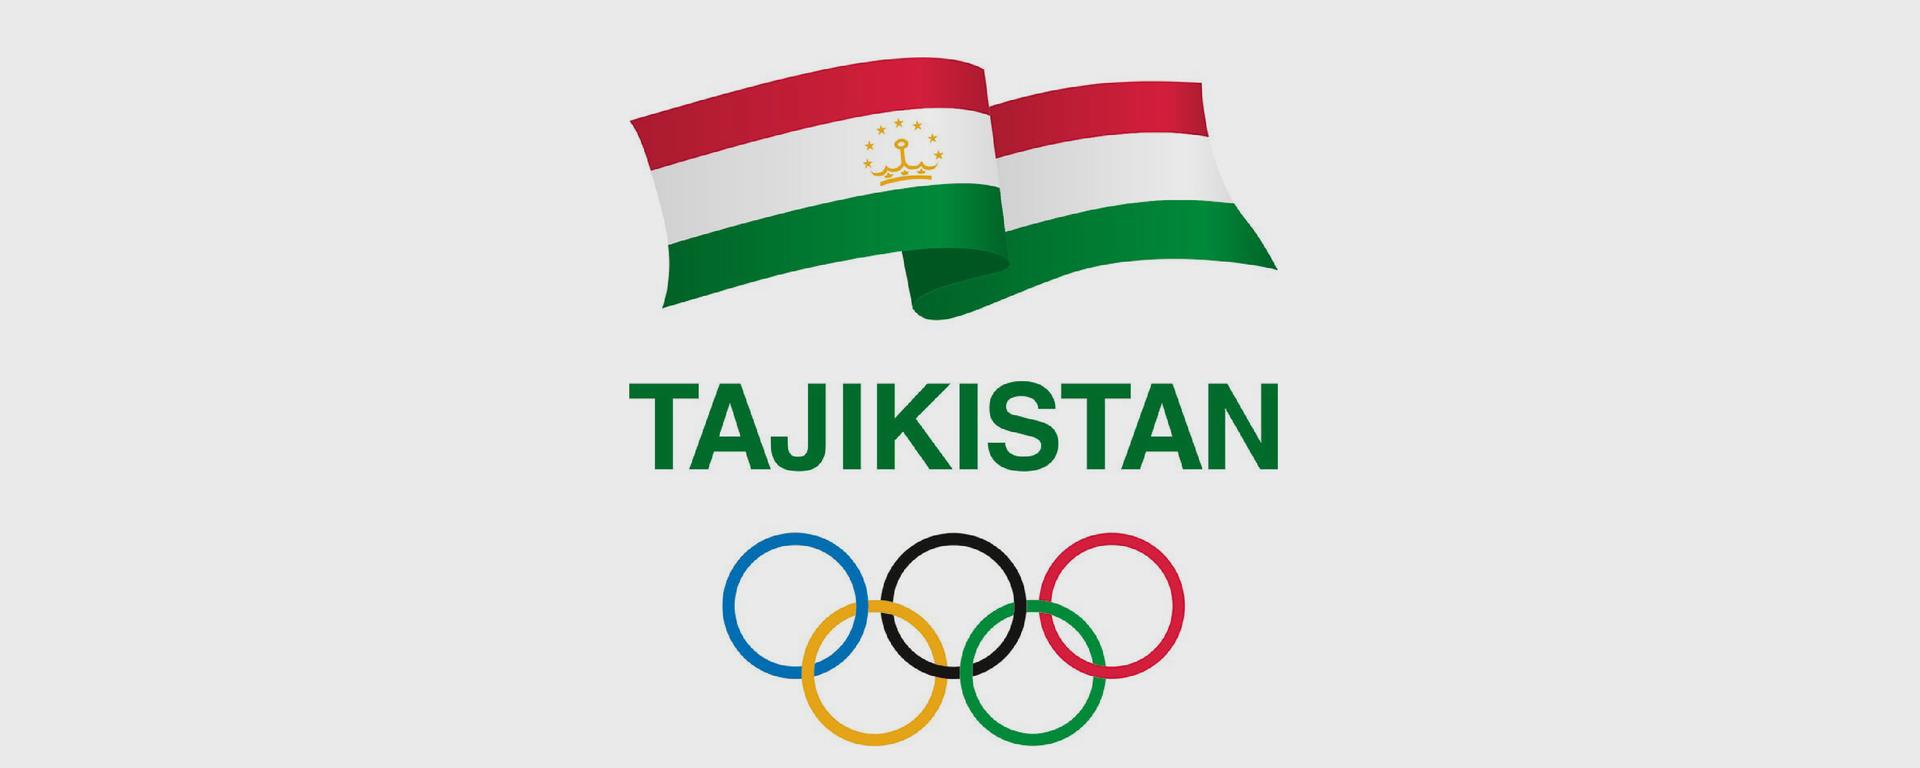 Олимпийская сборная Таджикистана — 2021 - Sputnik Таджикистан, 1920, 23.07.2021